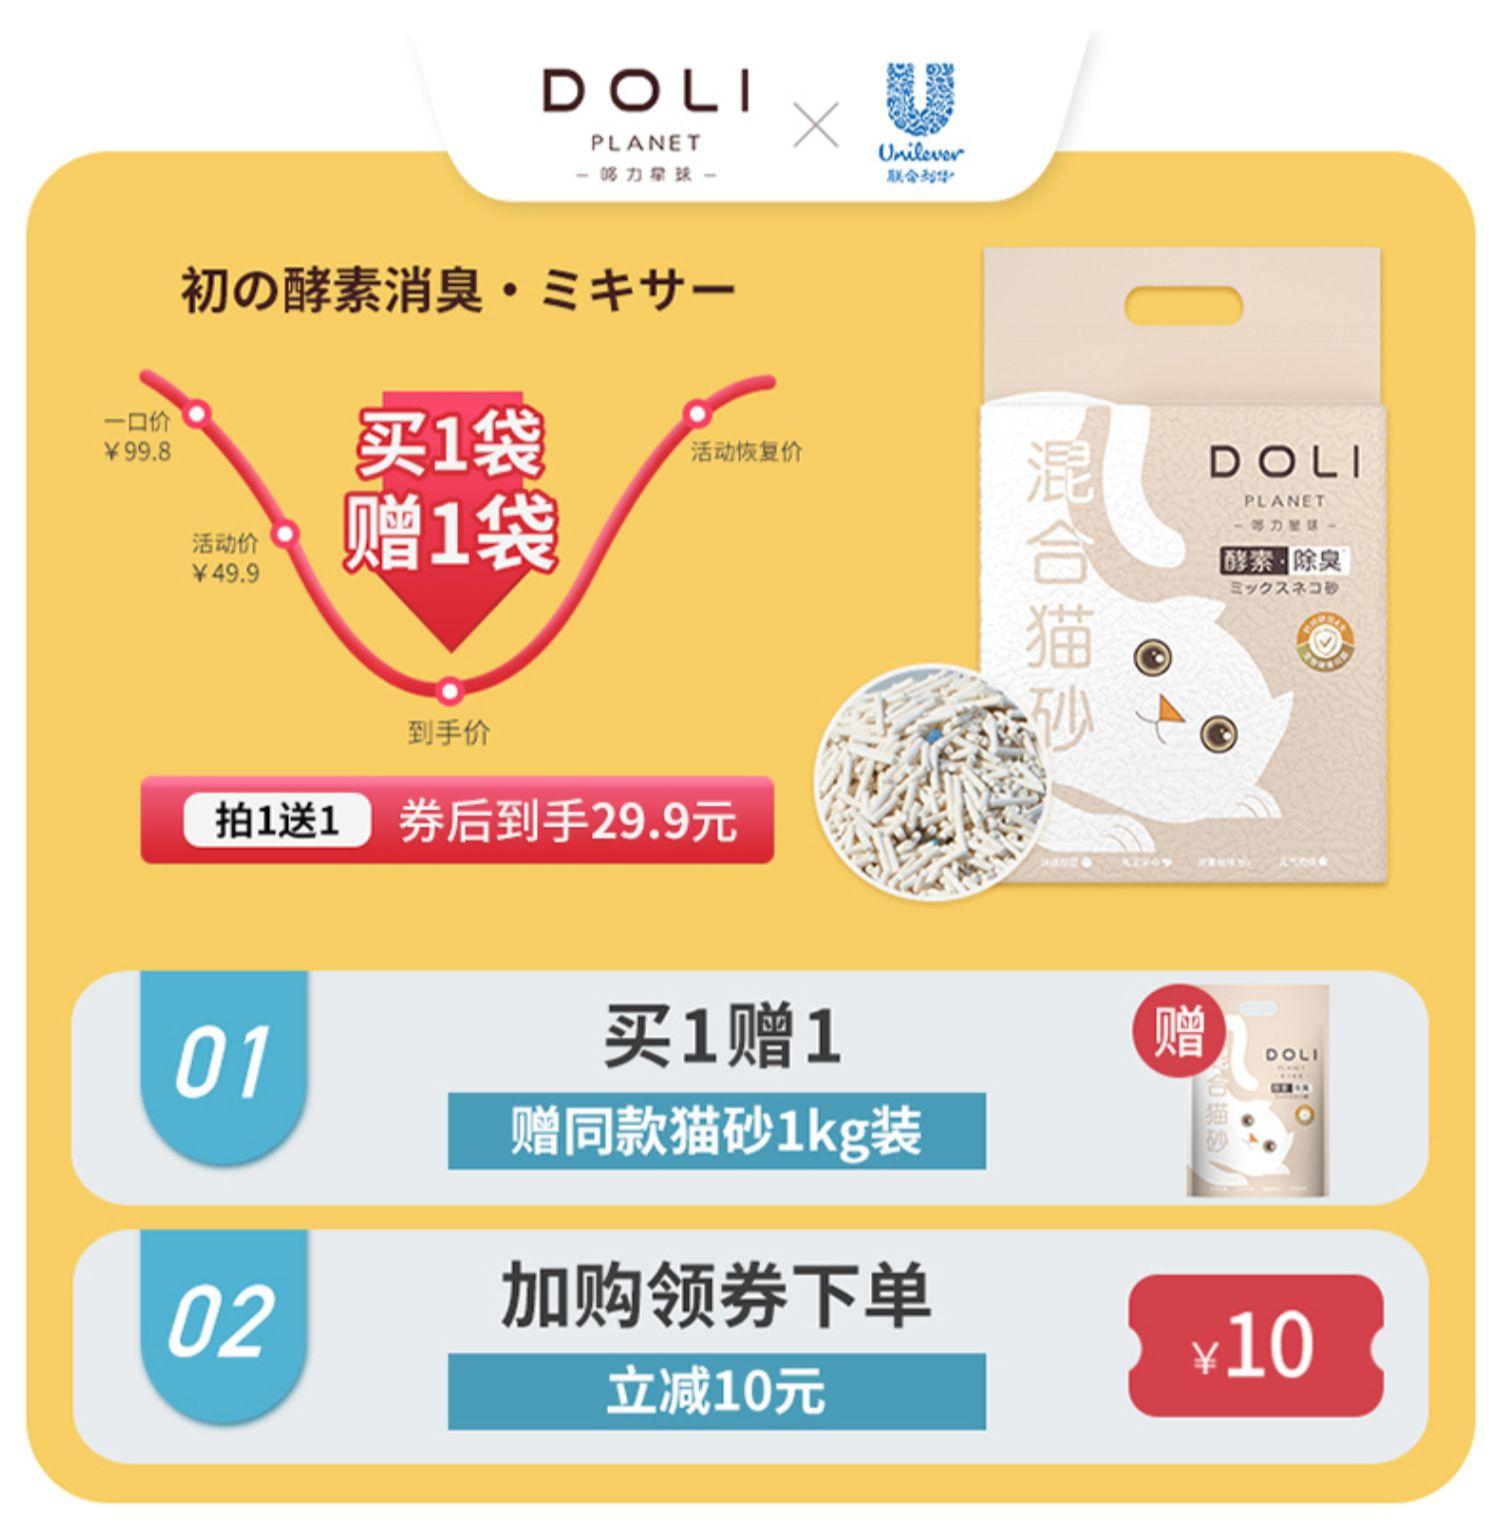 DOLI哆力星球酵素除臭混合猫砂6L